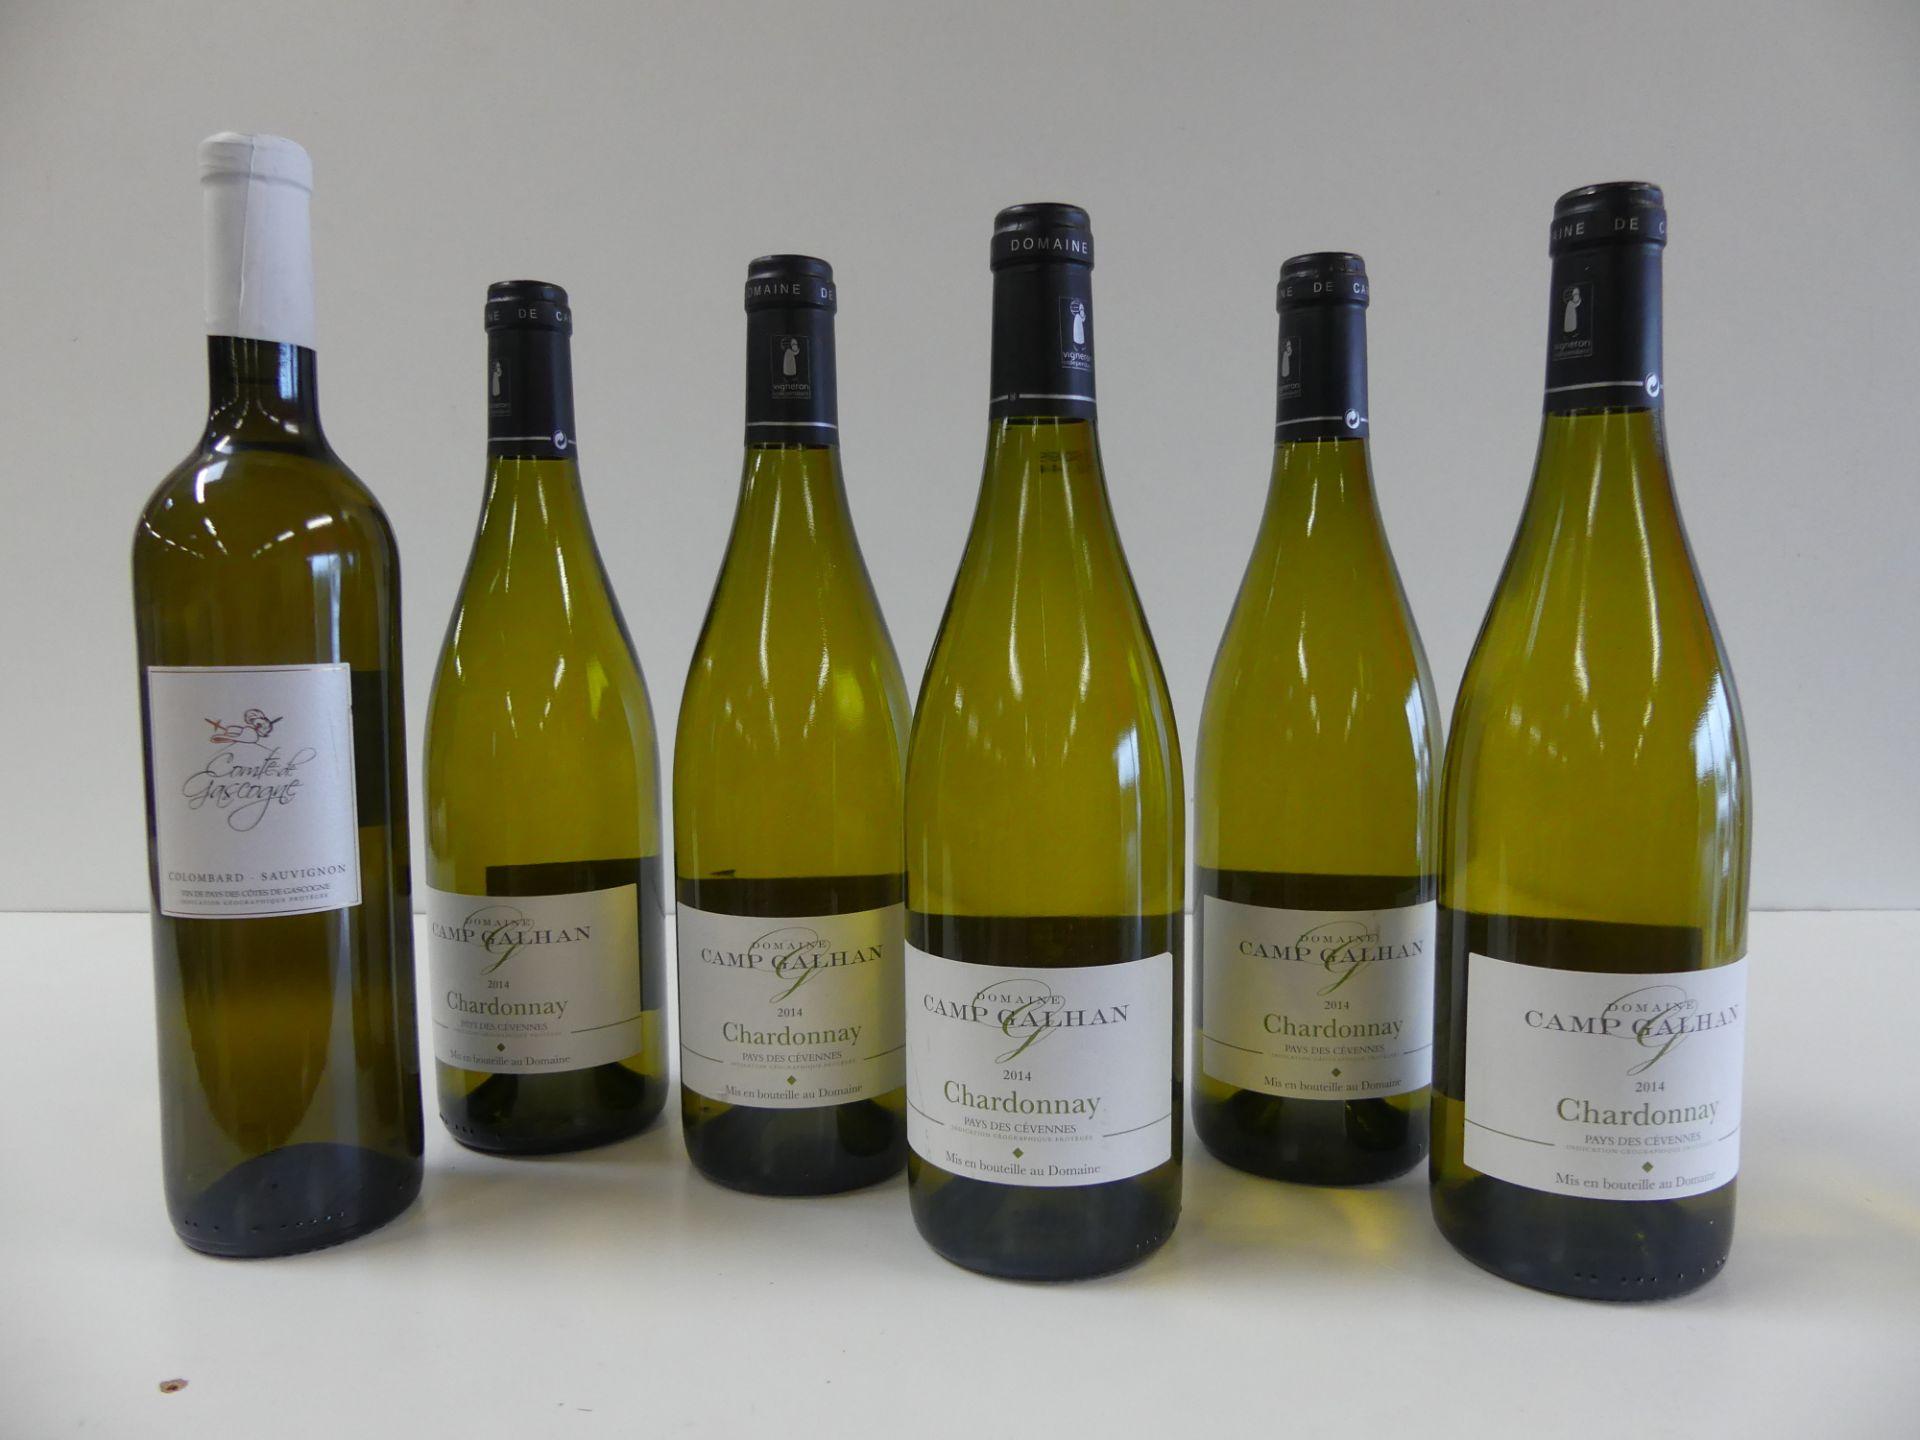 Los 12 - 6 BTLES : 5 Domaine Camp Galhan Chardonnay 2014 ; 1 Comte de Gascogne Sauvignon Blanc [...]